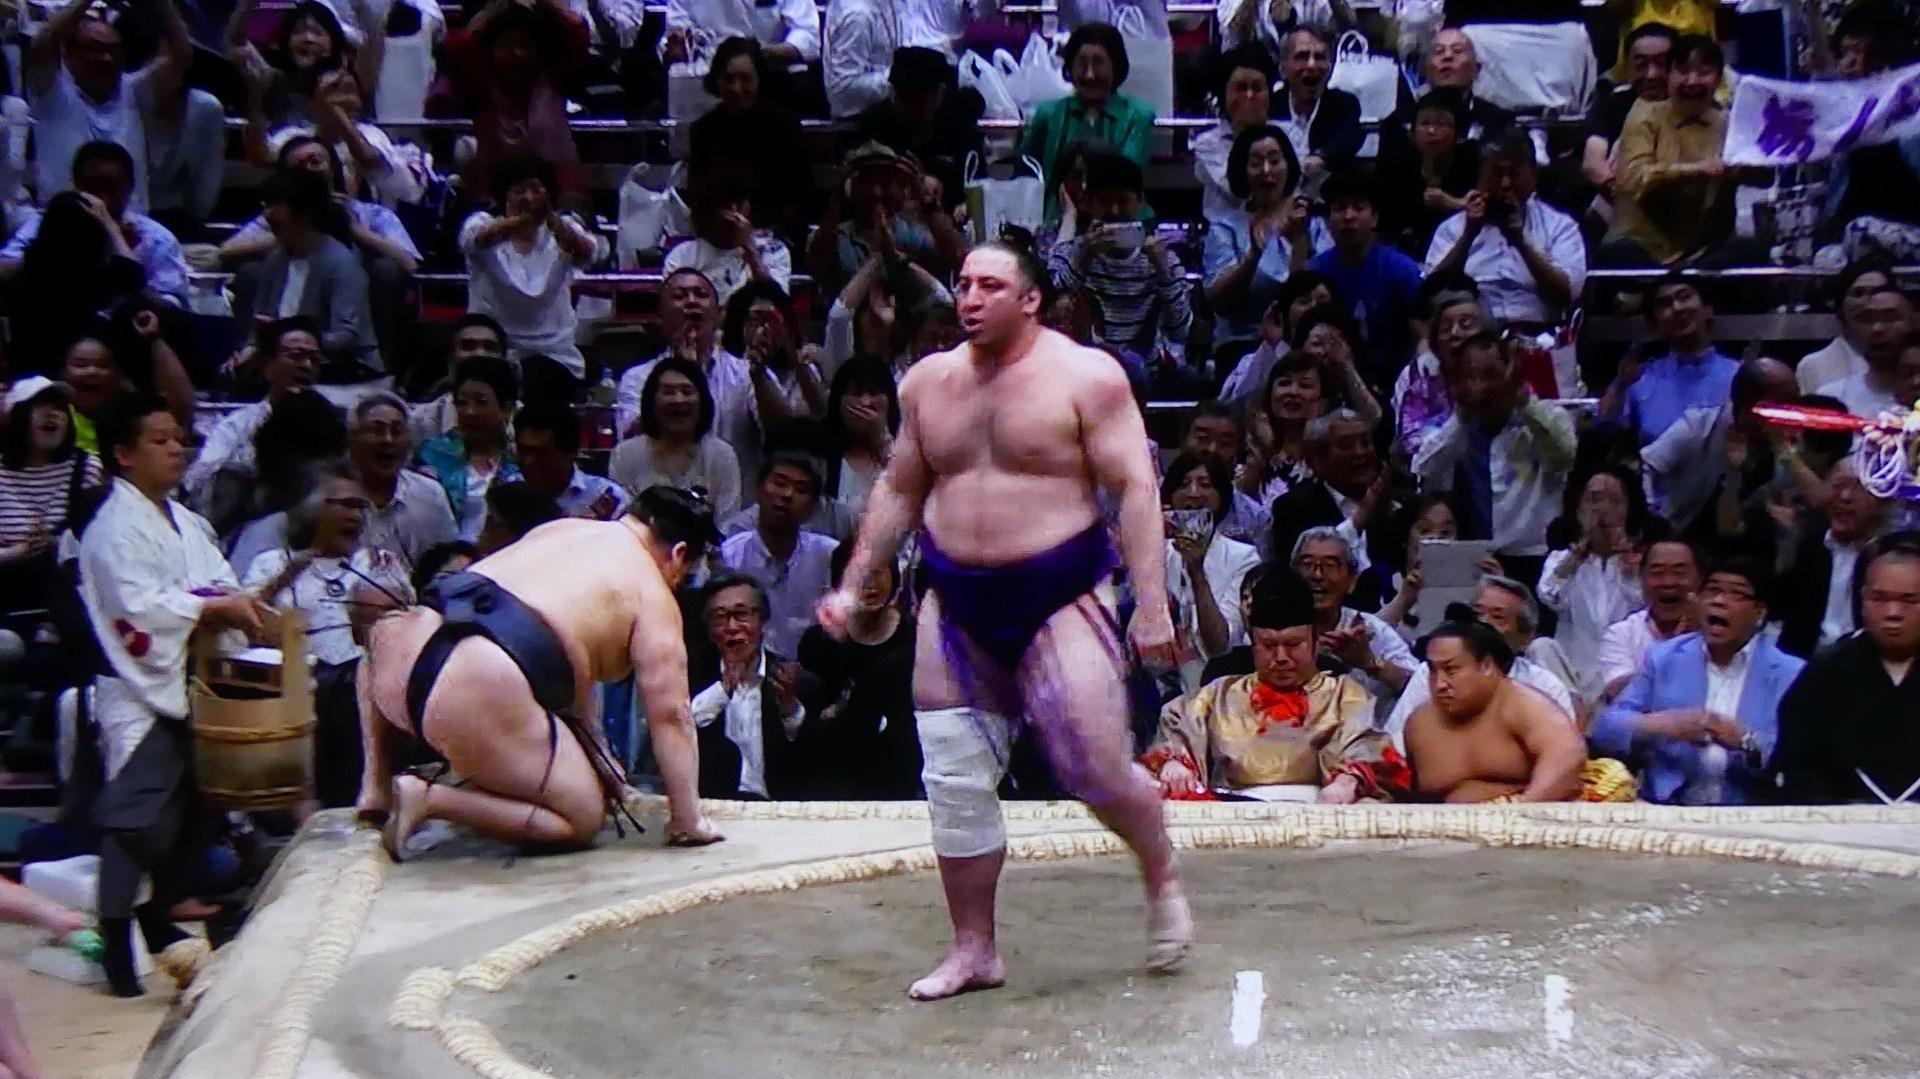 令和最初の大相撲は 朝乃山 が優勝!_a0185081_20073381.jpg